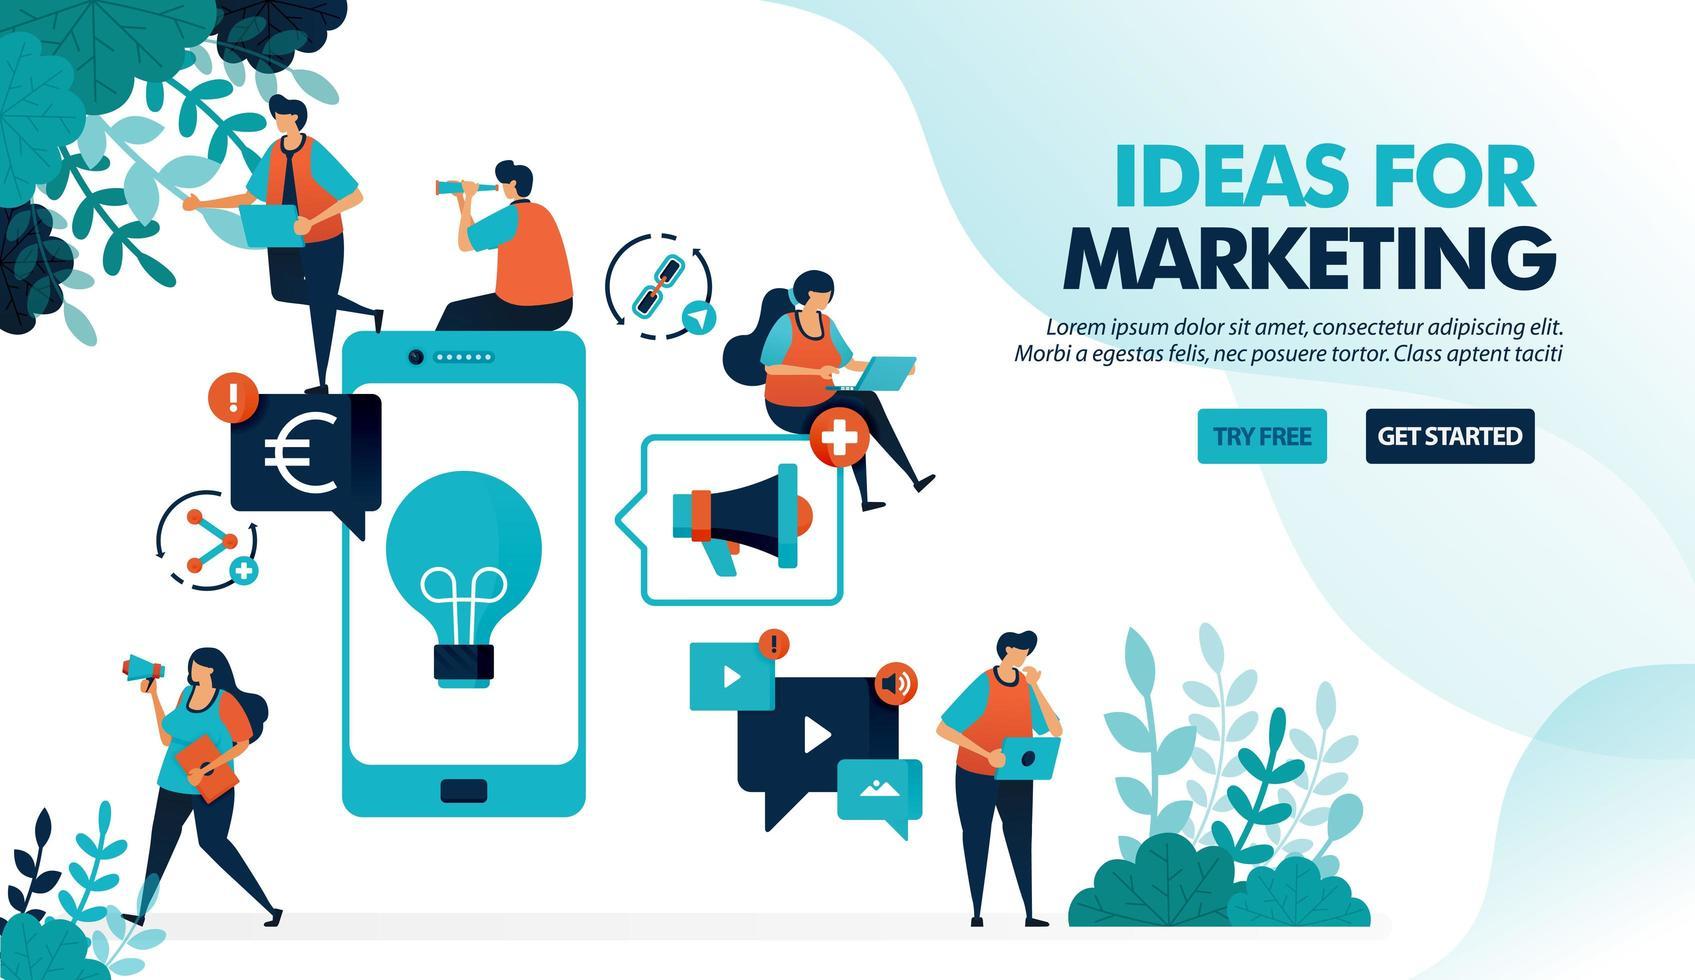 ideas de negocio mediante la promoción de productos a través de dispositivos móviles. publicidad y marketing con smartphone para lucrar. ilustración vectorial plana para página de destino, web, sitio web, banner, aplicaciones móviles, folleto, cartel, interfaz de usuario vector